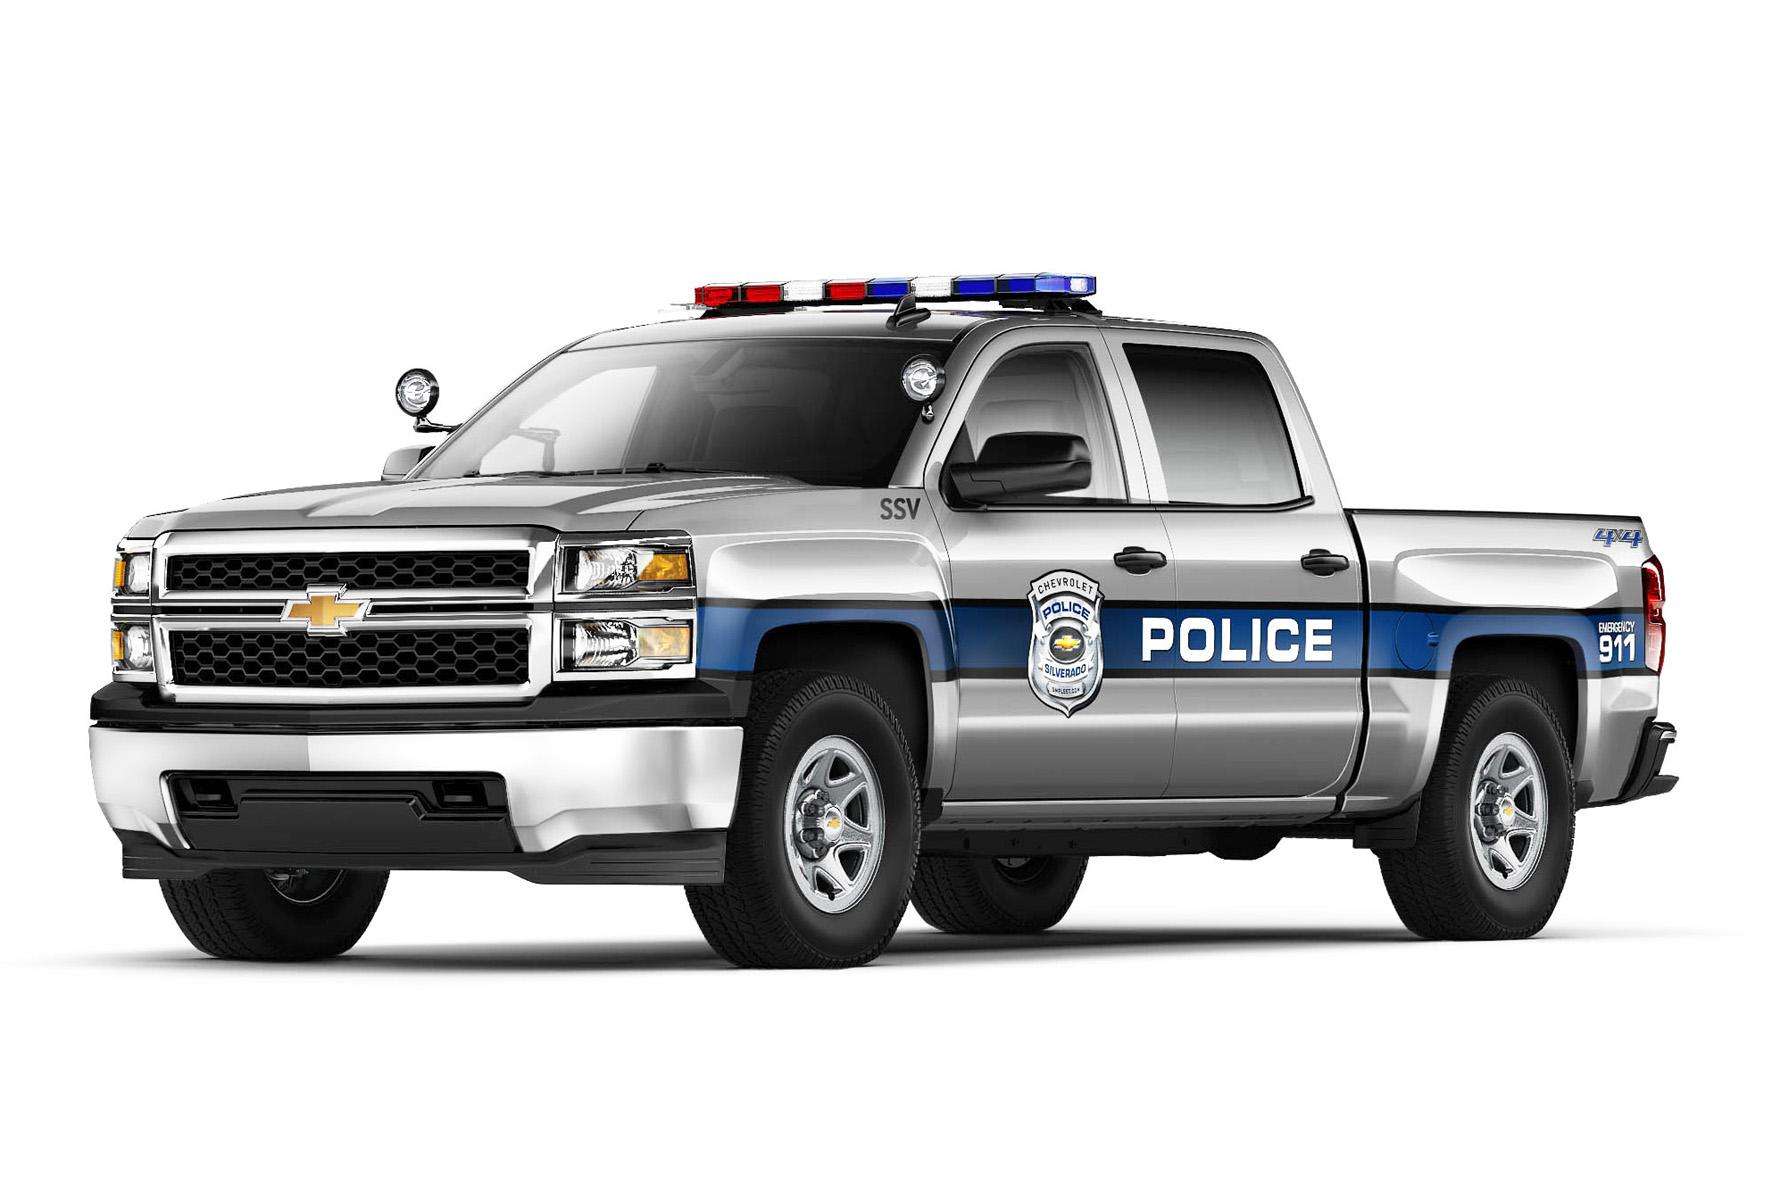 2014 Silverado 1500 als Polizei Einsatzfahrzeug vorgestellt